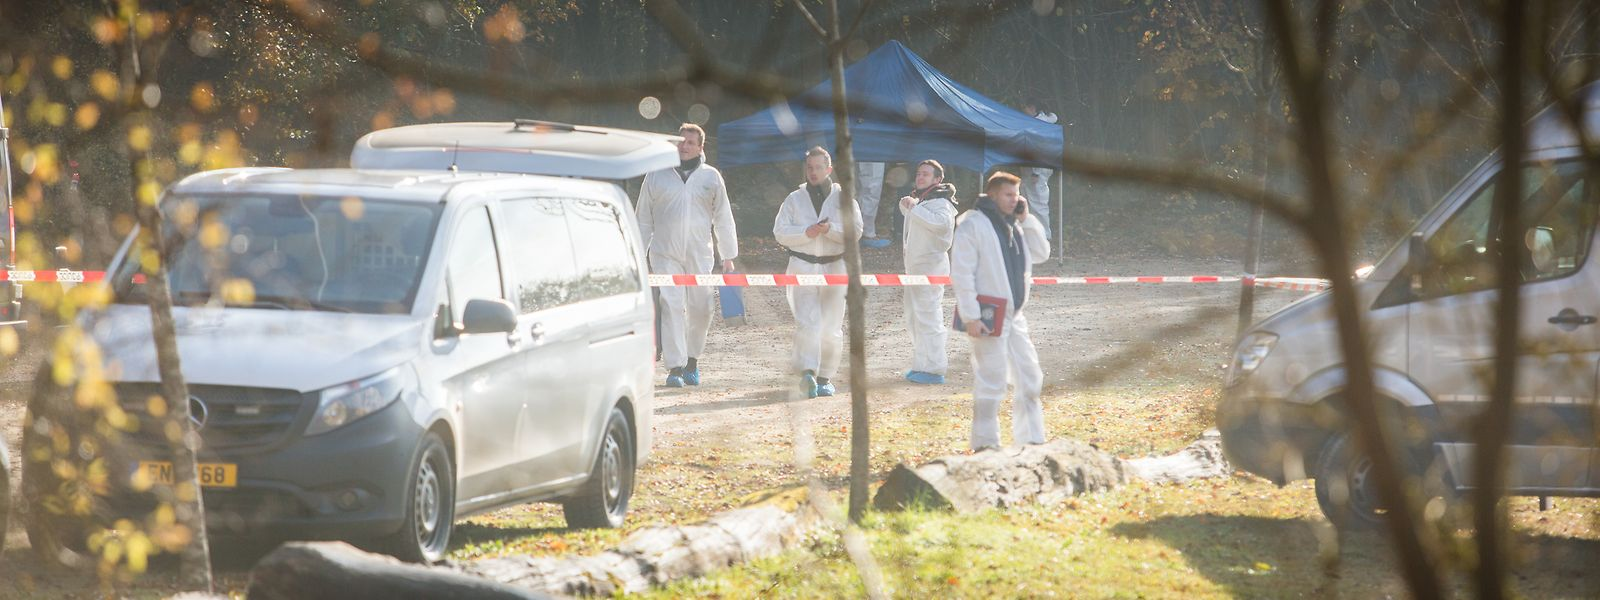 In der Nacht zum 14. November 2016 wird am Fräiheetsbam die Leiche einer 27-jährigen Frau gefunden.